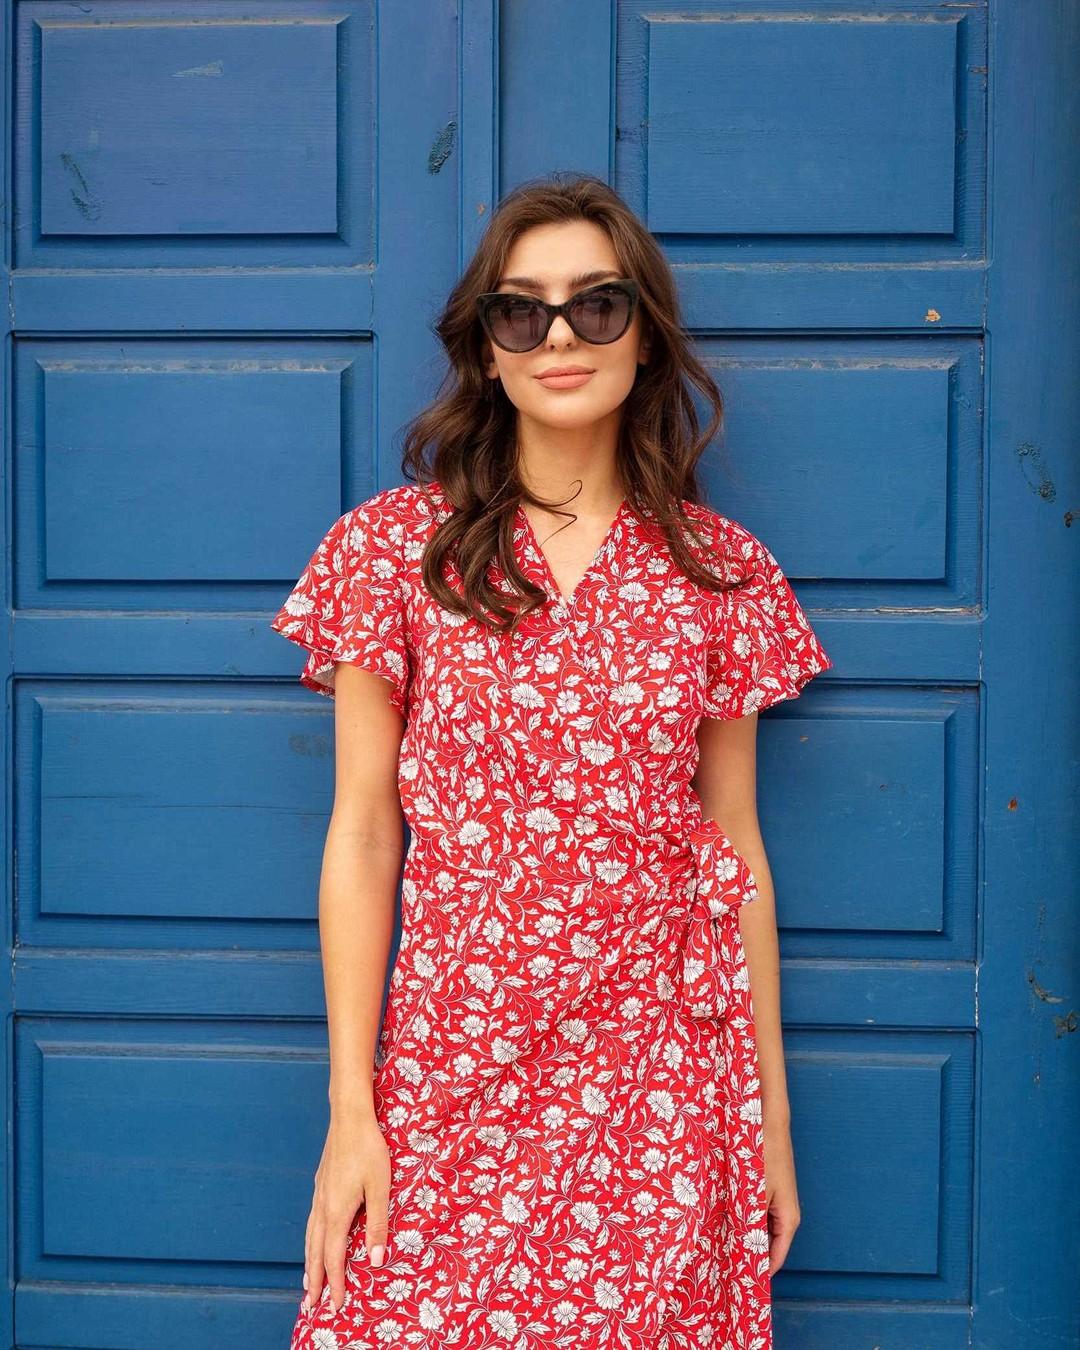 Lato w mieście? Tylko w tej sukience 😍 #sukienka #sukienki #sukienkawkwiaty #sukienkakopertowa #sukienkanalato #sukienkanawesele #sukienkawkwiatki #sukienkawłączkę #summerdress #sukienazwiązaniem #sukienawiązana #nowości #summerinthecity #letniesukienki #fashionblogger #nosimysukienki #wsukience #latowsukience #wakacje #sukienanalato #łączka #kobieco #bluedoor #reddress #brownhair #flowerdress #brunetka #modanalato #trendy2021 #sukienka2021